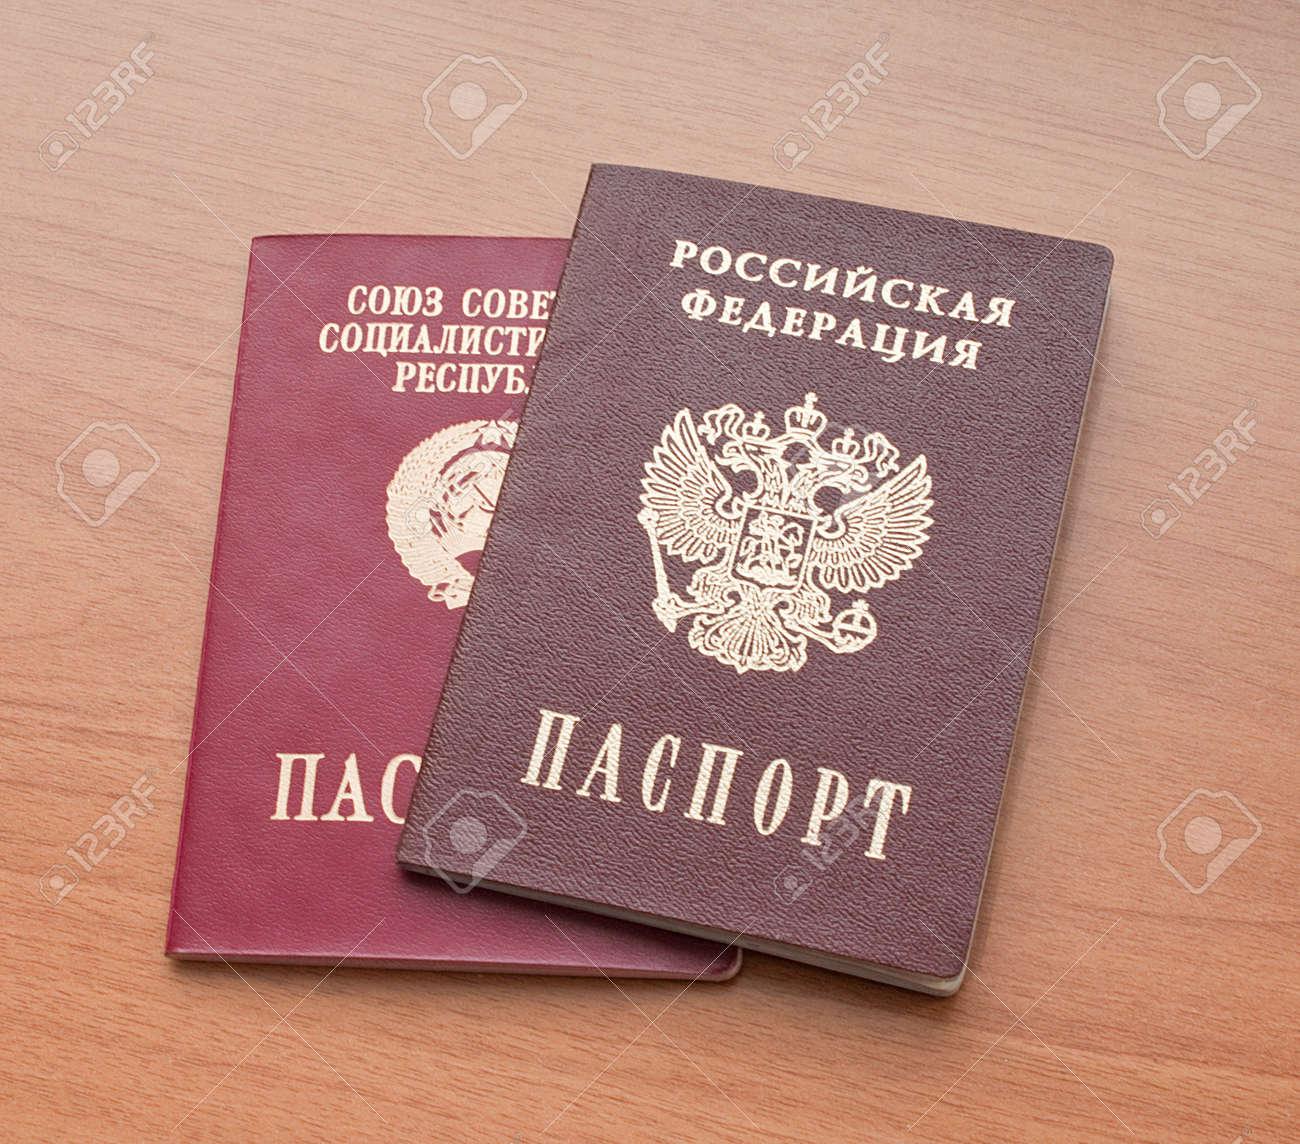 Работа в москве для граждан снг 15 фотография